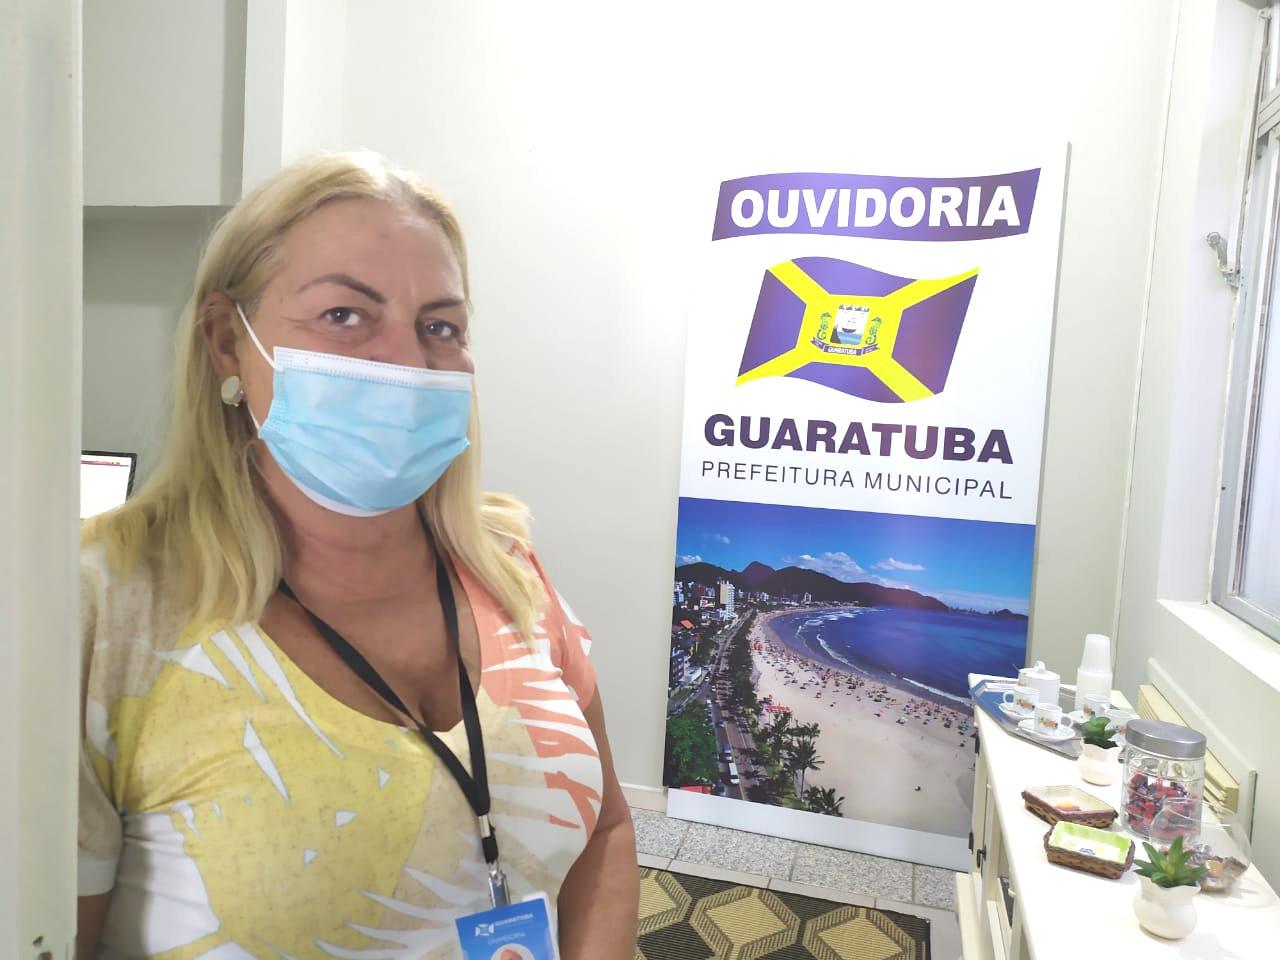 Ouvidoria Municipal de Guaratuba está em novo endereço